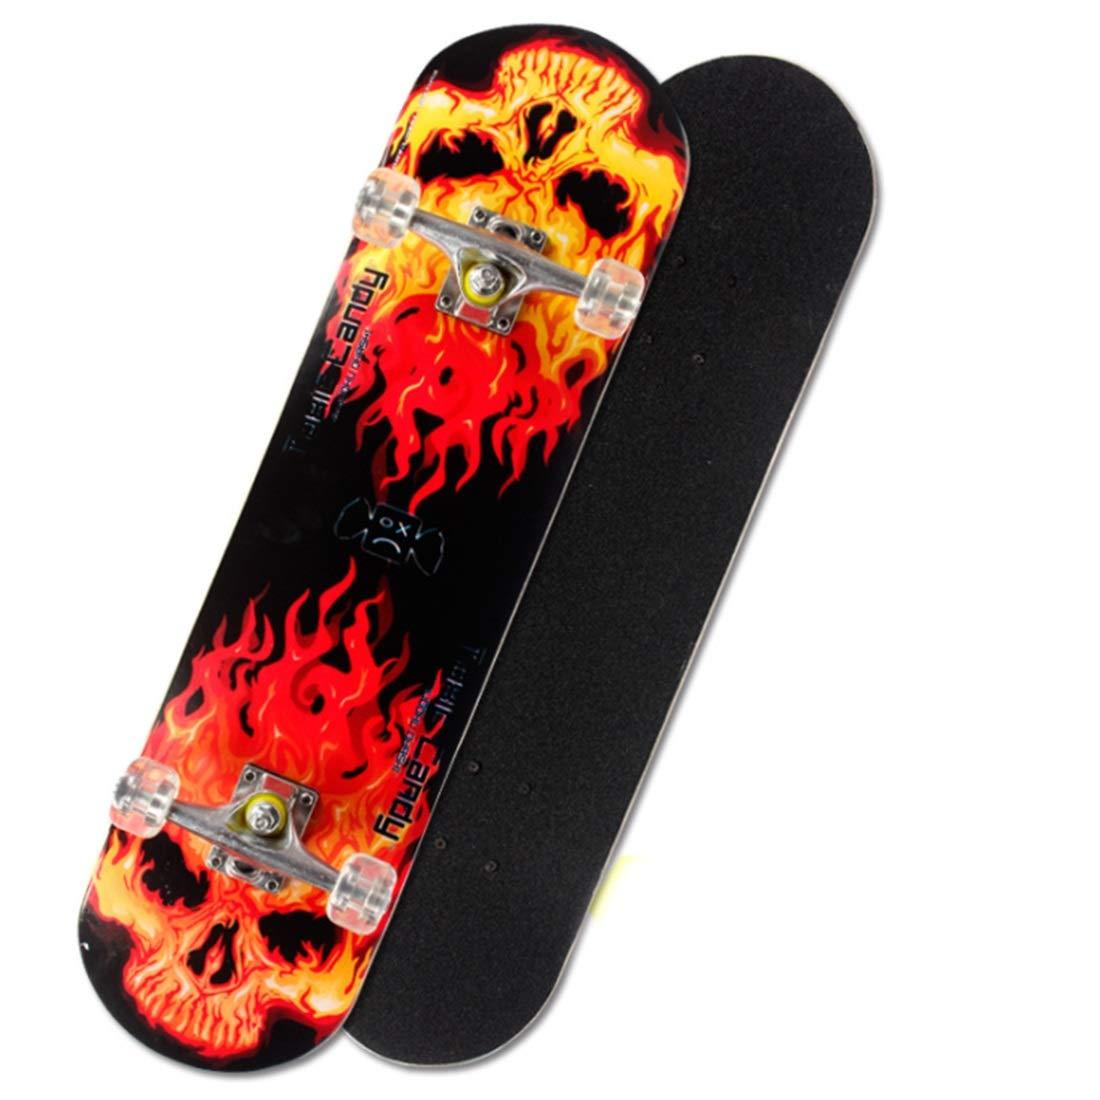 铁锋区志诚机电商店 スケートボードフリースタイルの完全なプラスチック製のボード折りたたみ可能なデッキとキッズボーイズ若者の初心者のためのぼんやりしたPUのキャスター (色 : Fire 01) Fire 01